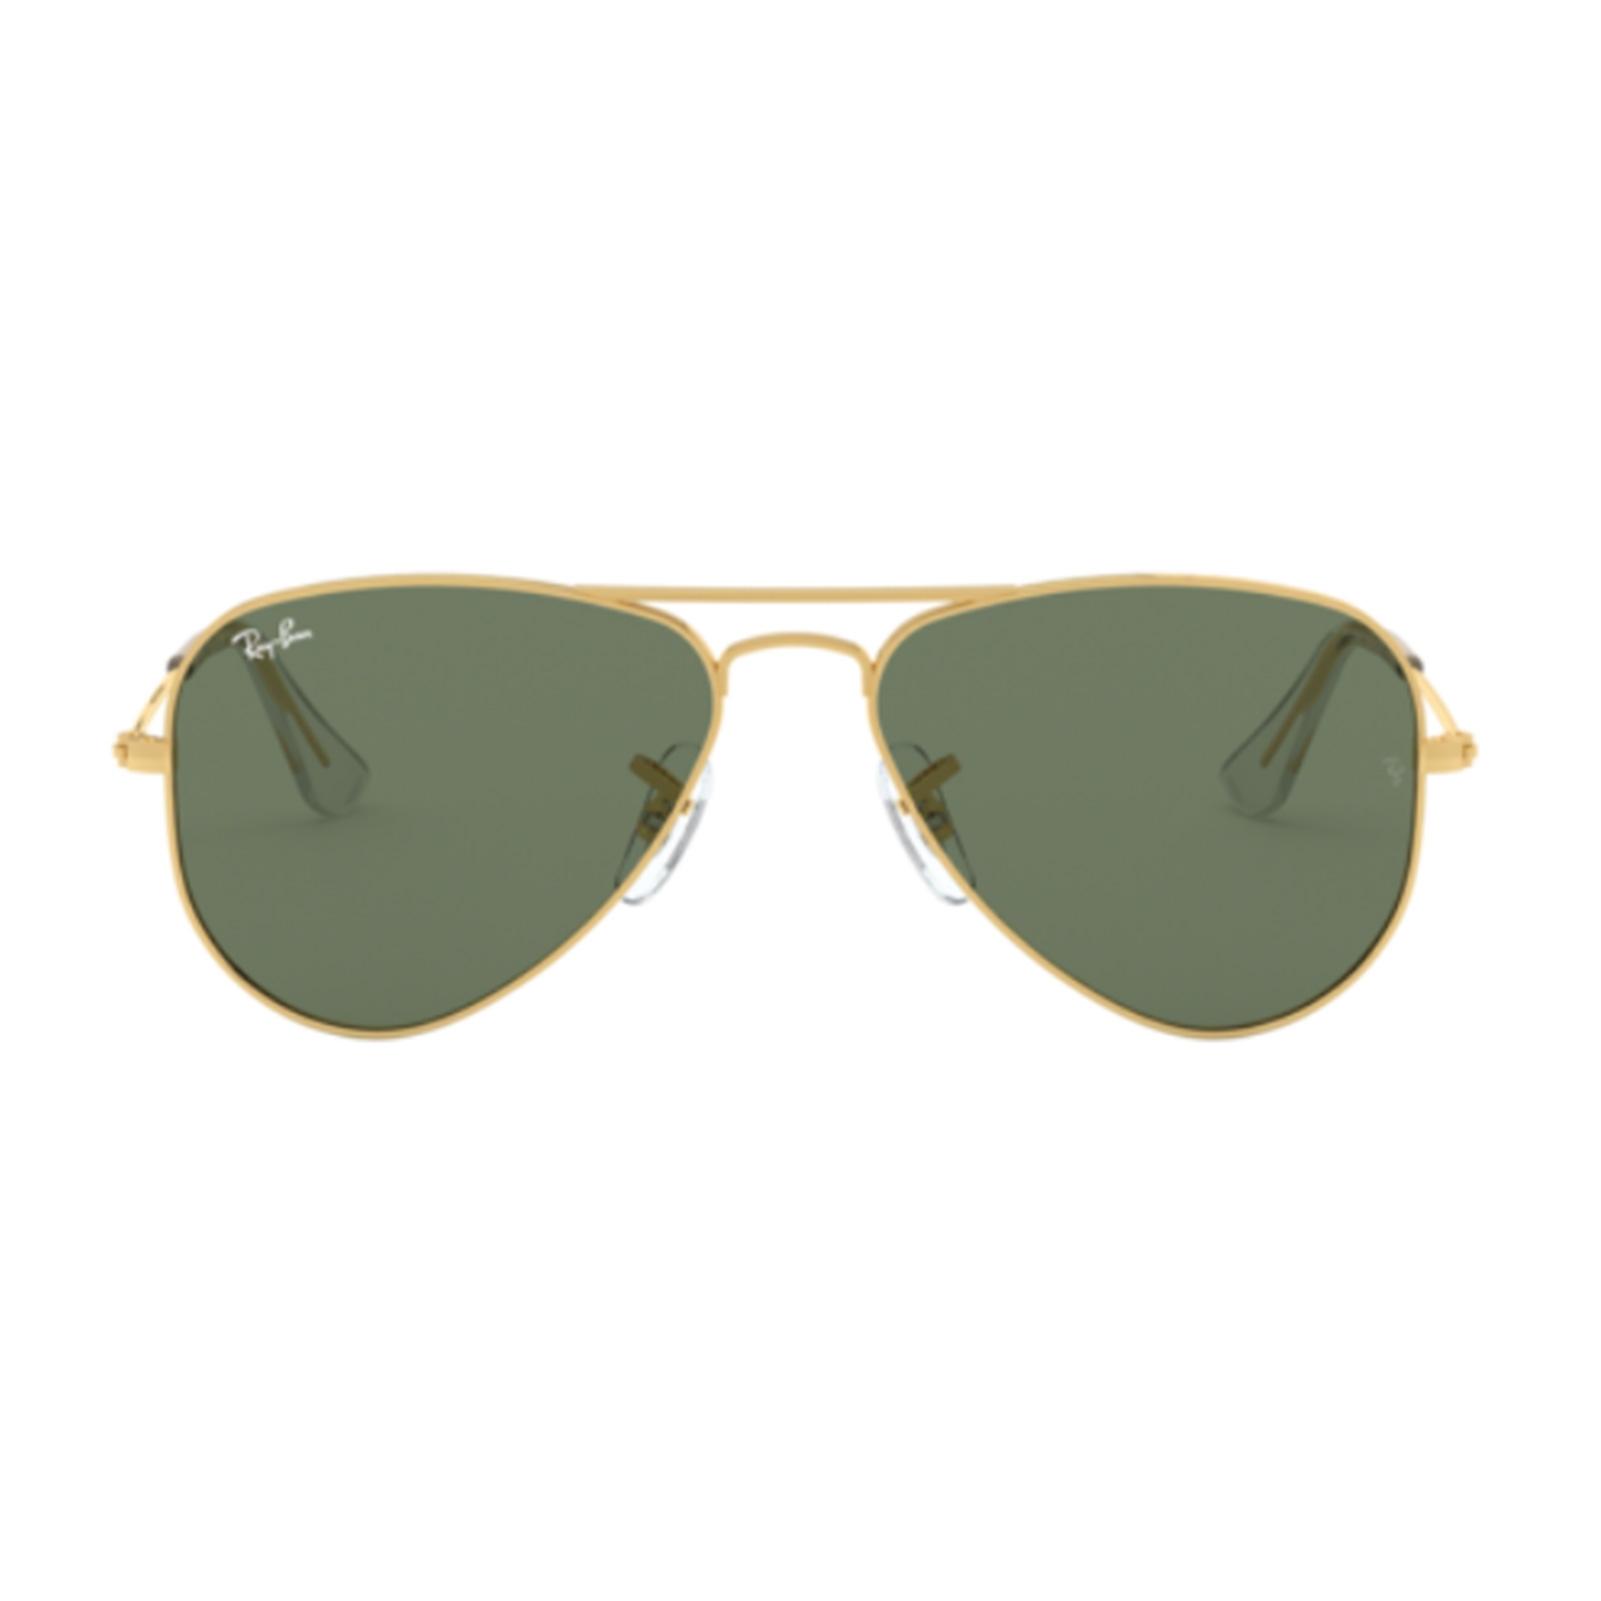 OCCHIALI DA SOLE SUNGLASSES JUNIOR 9506S Colore 223//71 GOLD 50